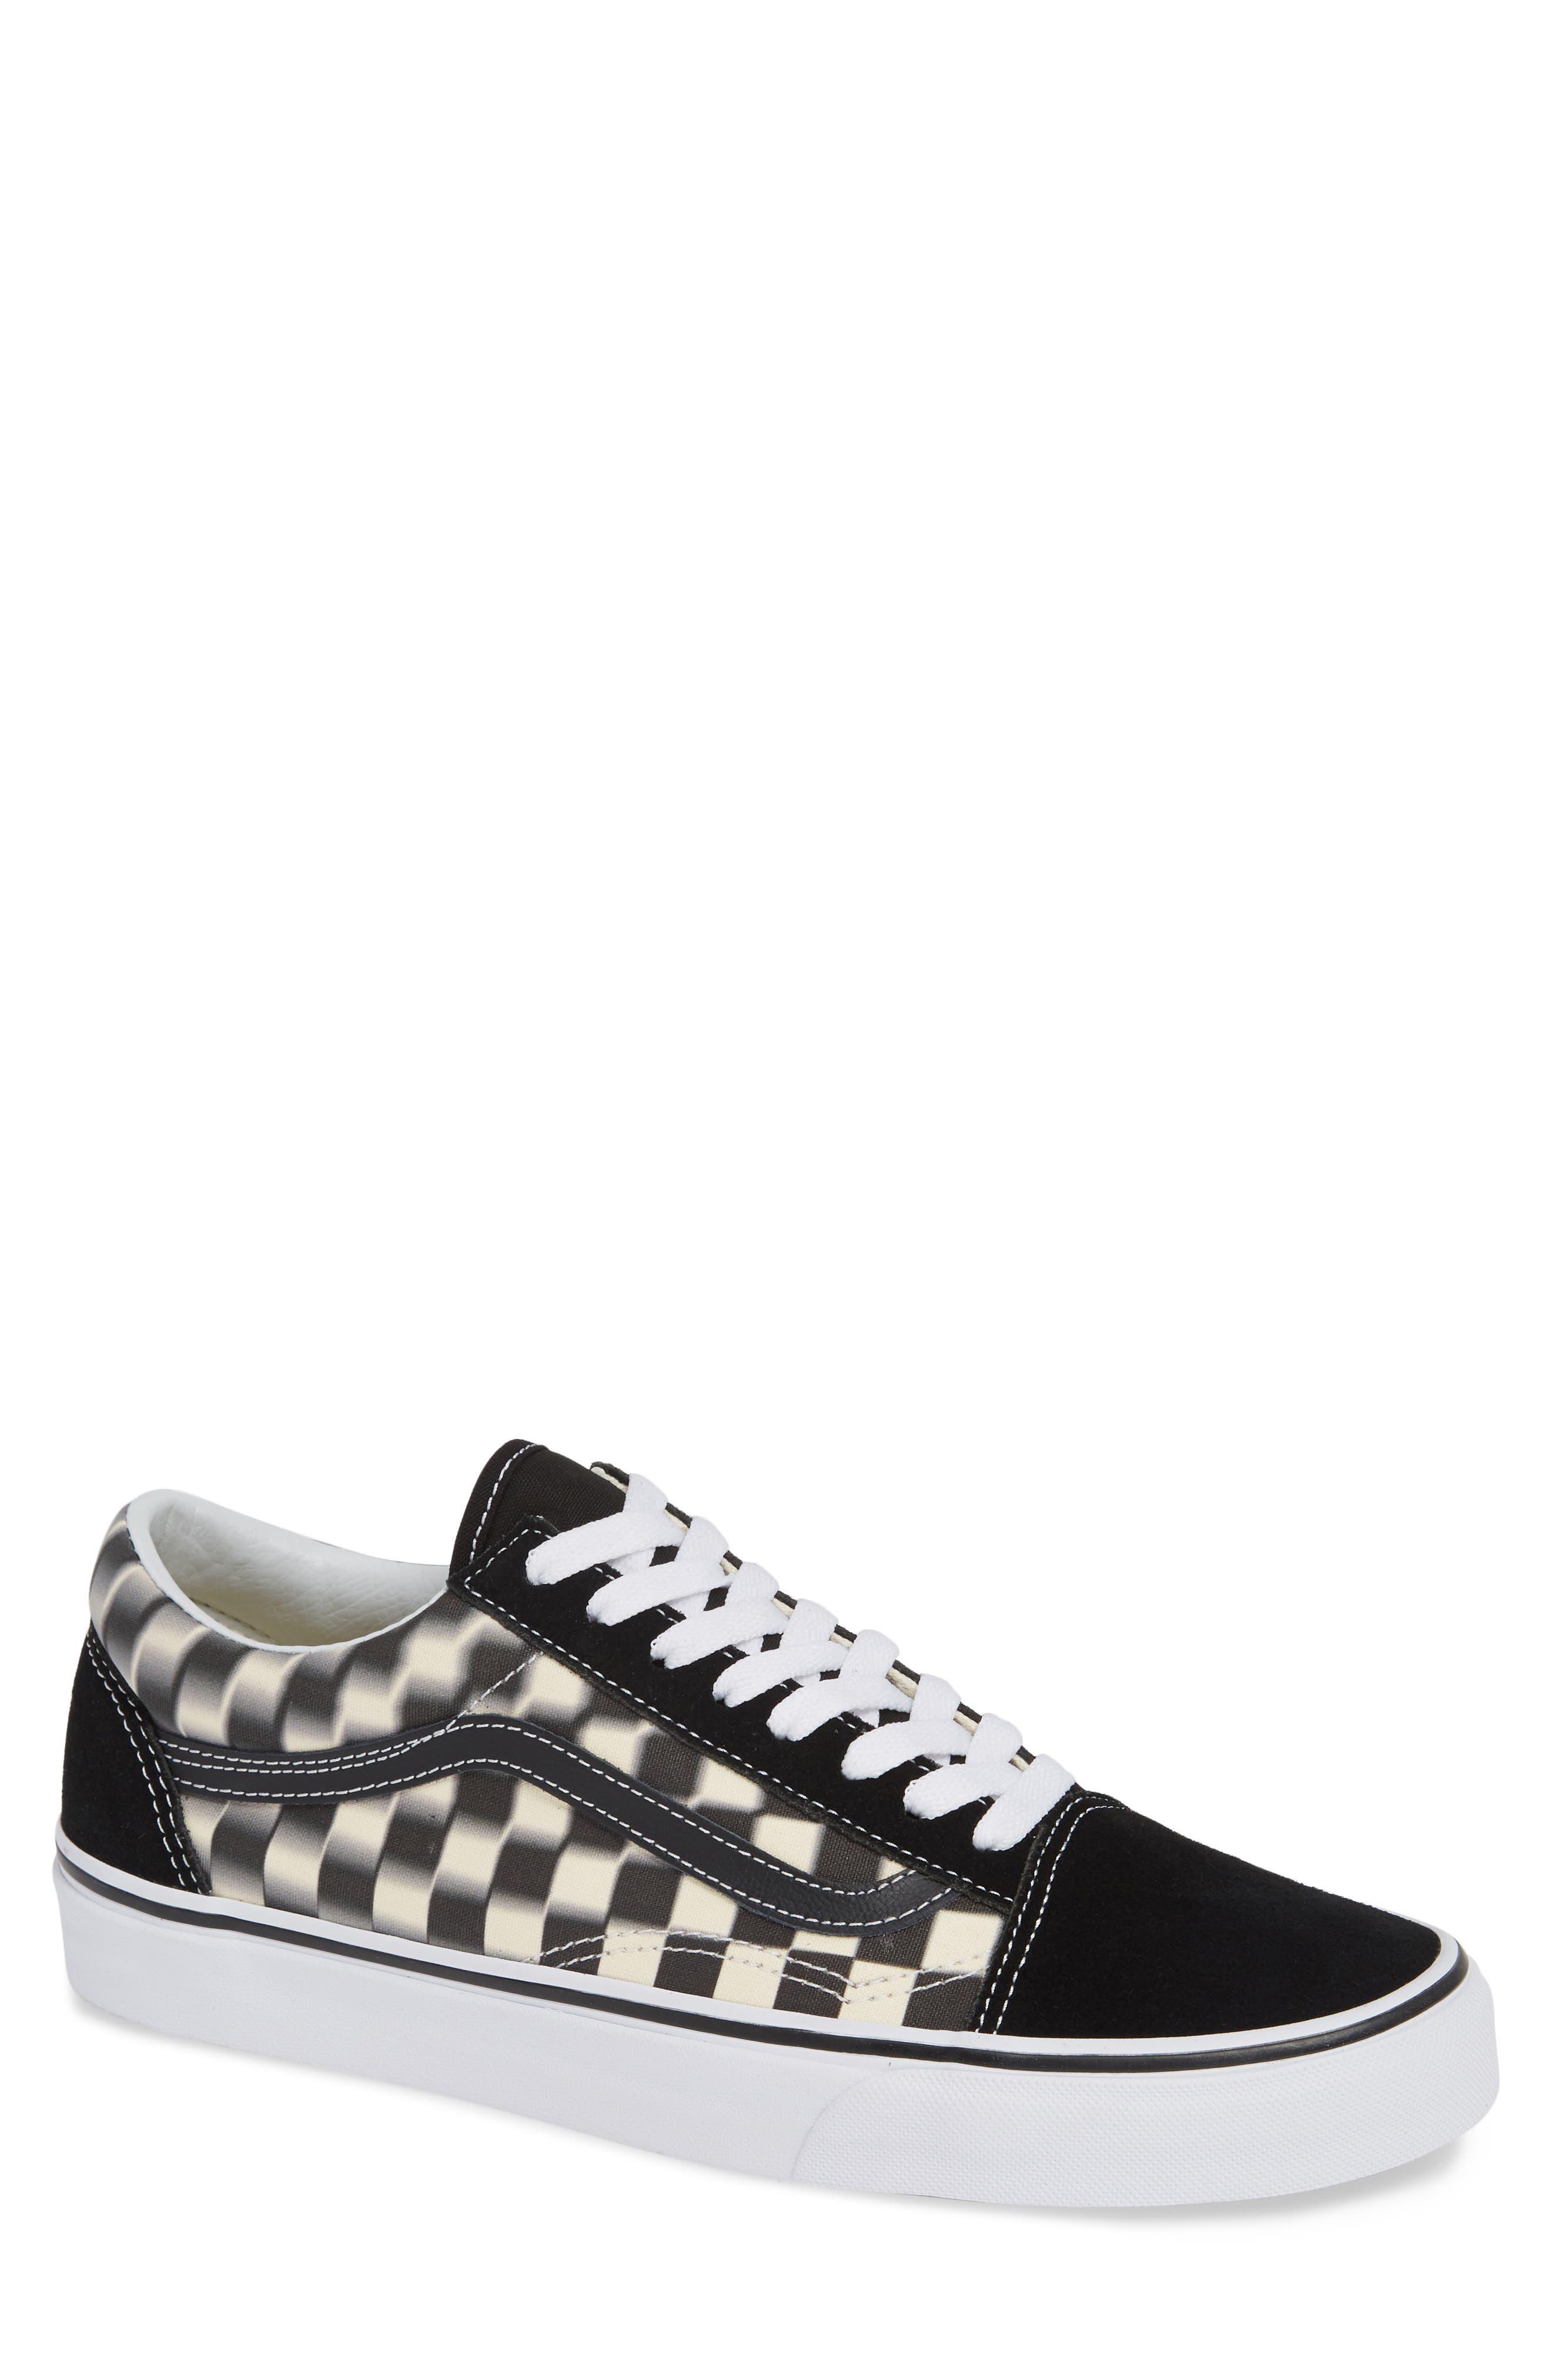 Old Skool Sneaker,                         Main,                         color, 005